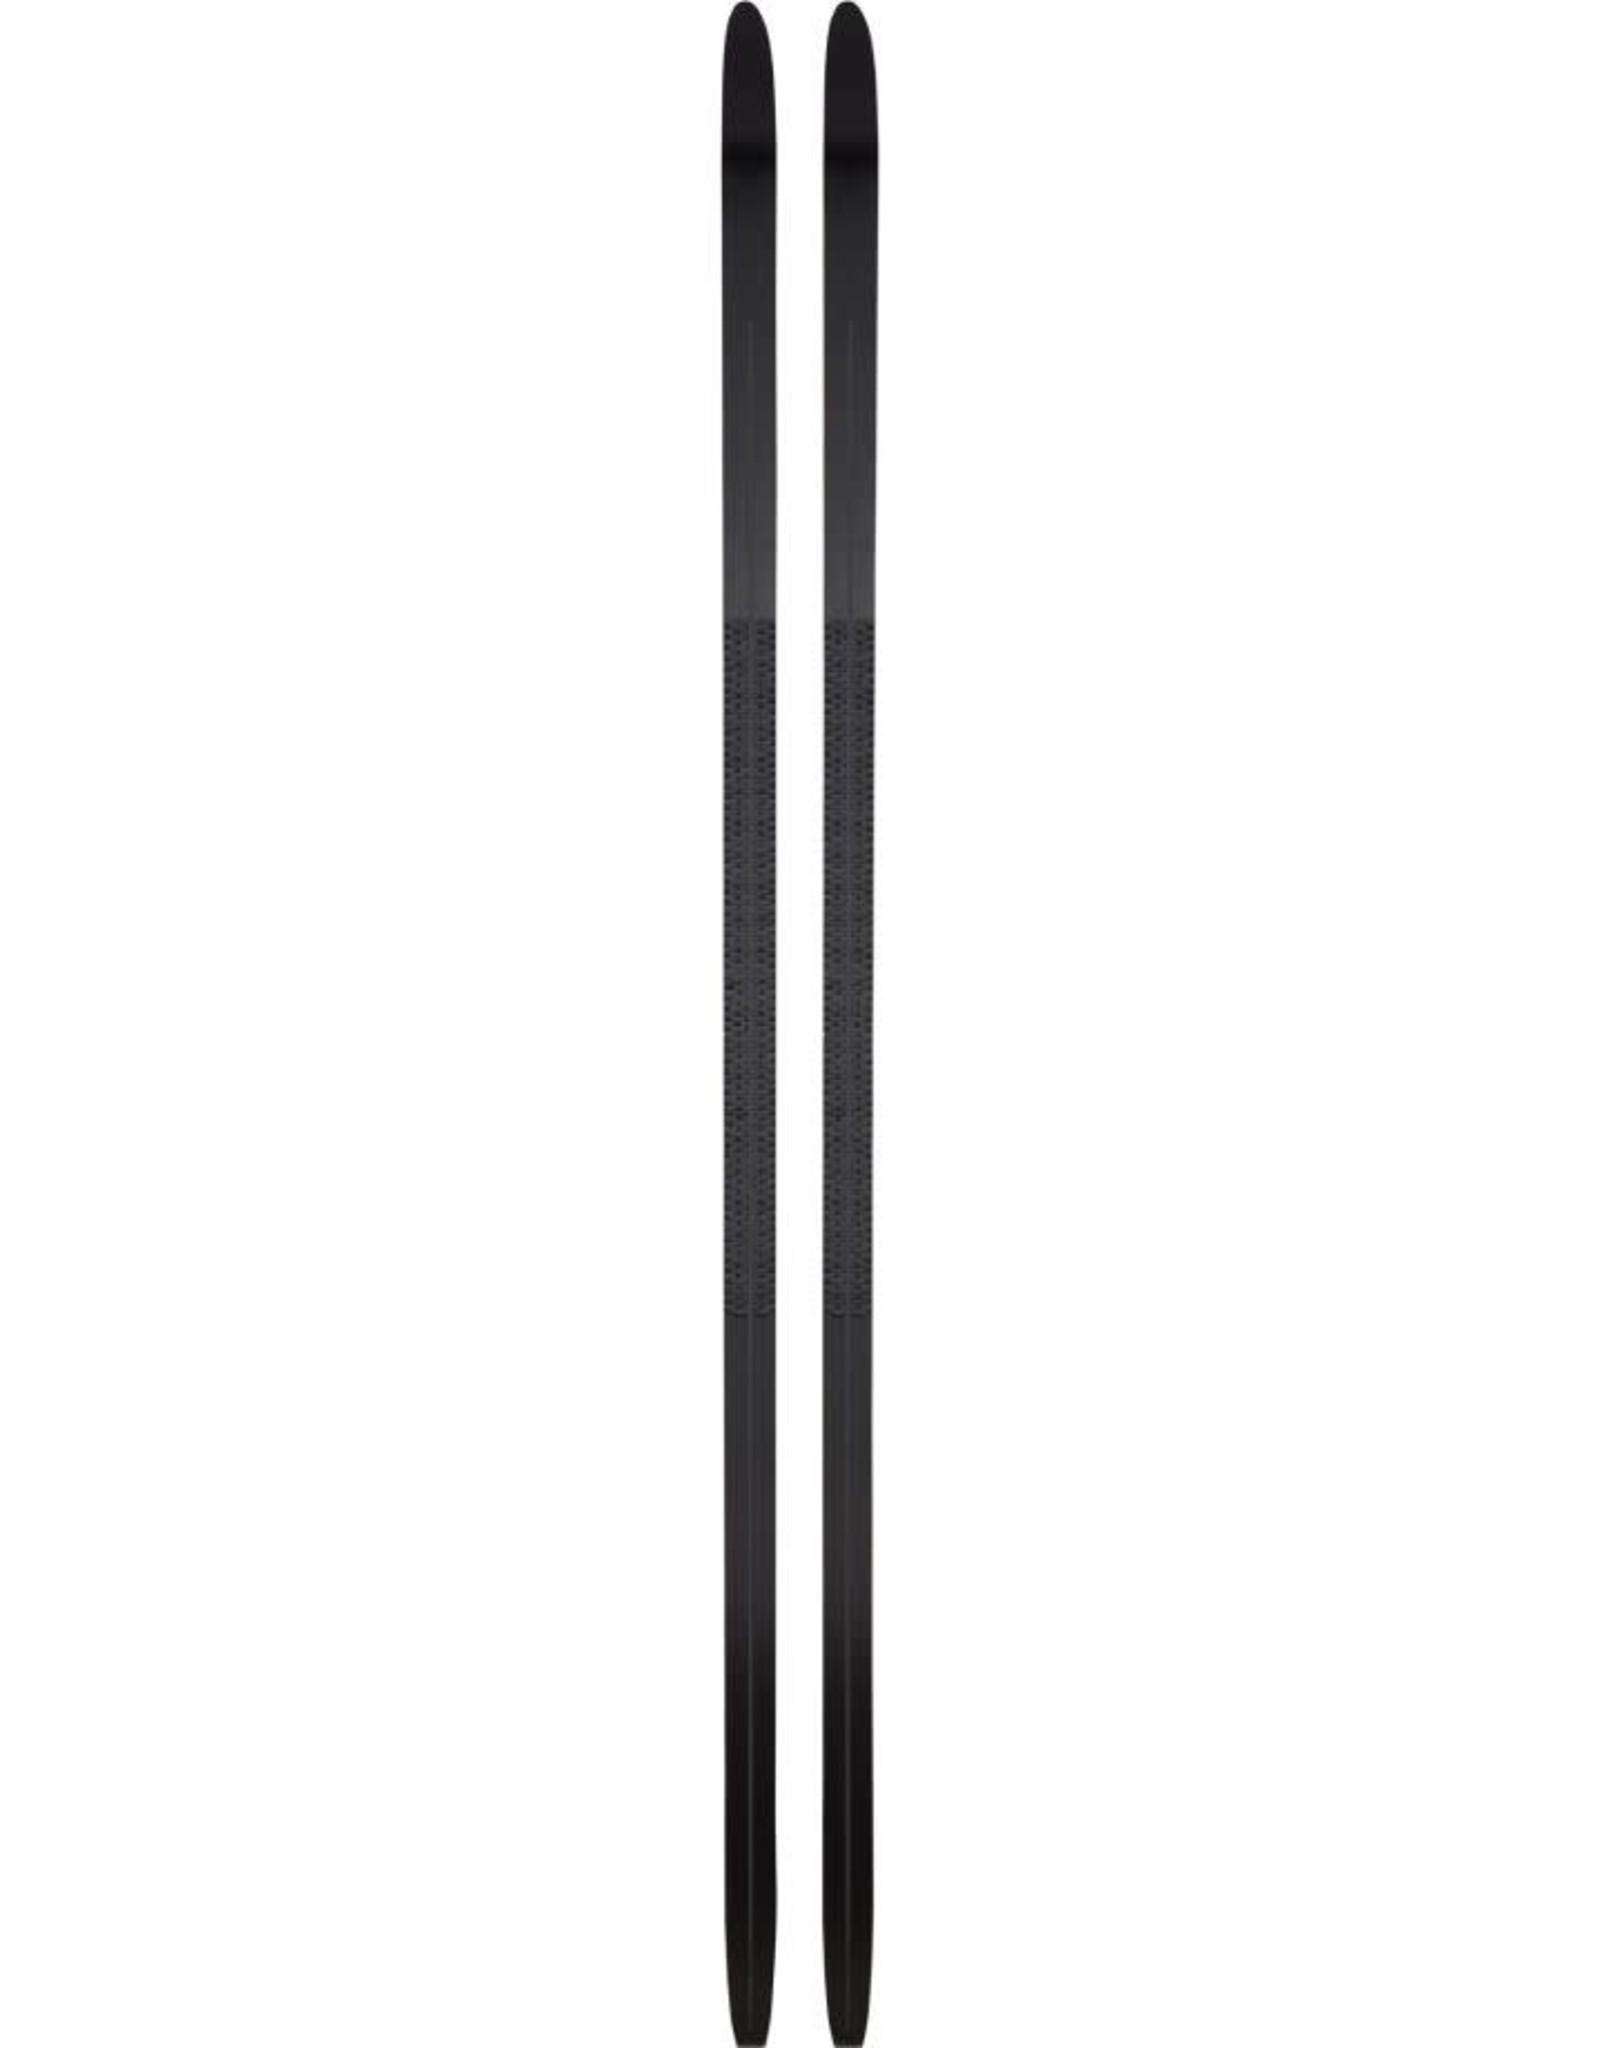 ROSSIGNOL Rossignol Evo XC 60 positrack fix in control SI SR cross-country ski 22